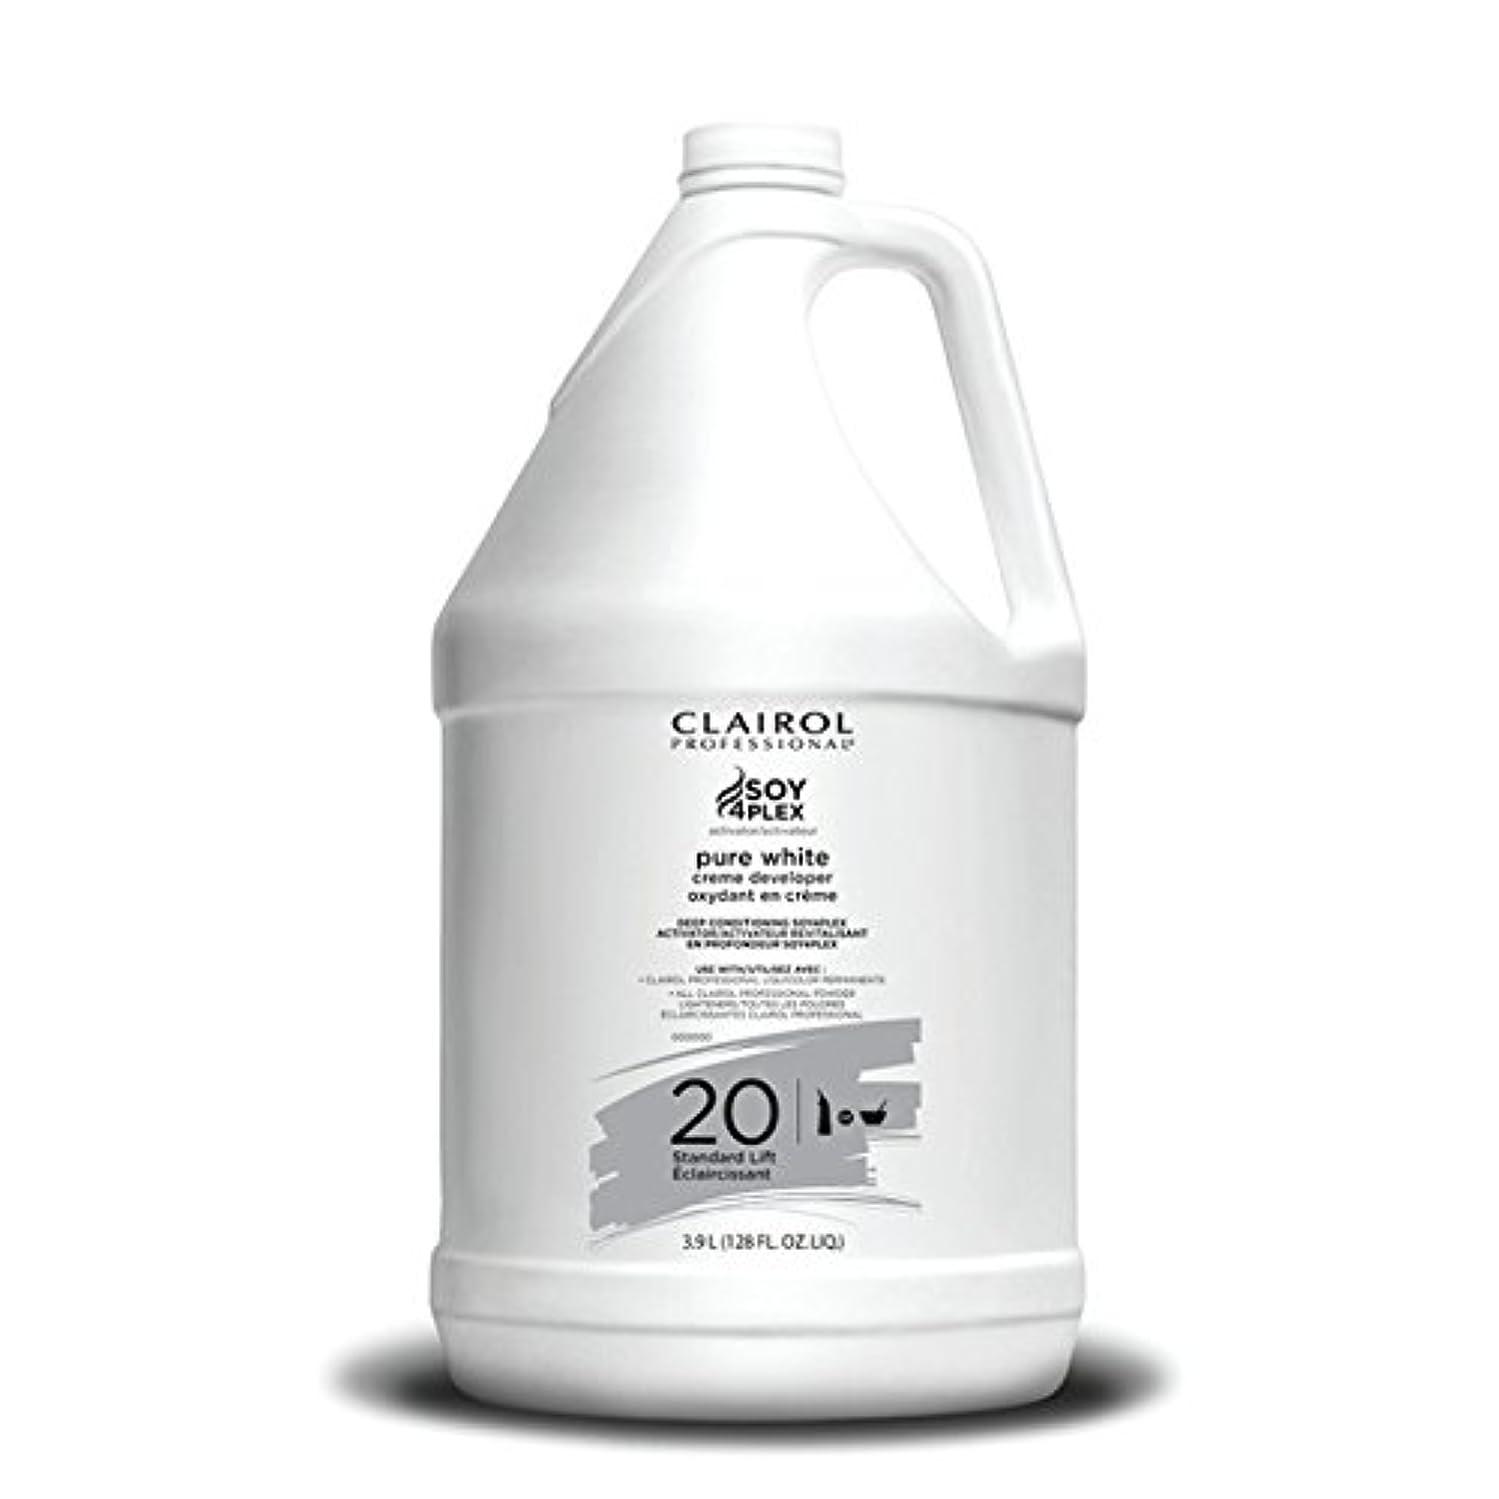 歴史家黙暖炉Clairol Professional Soy4plex Pure White Creme Hair Color Developer, 20 Volume